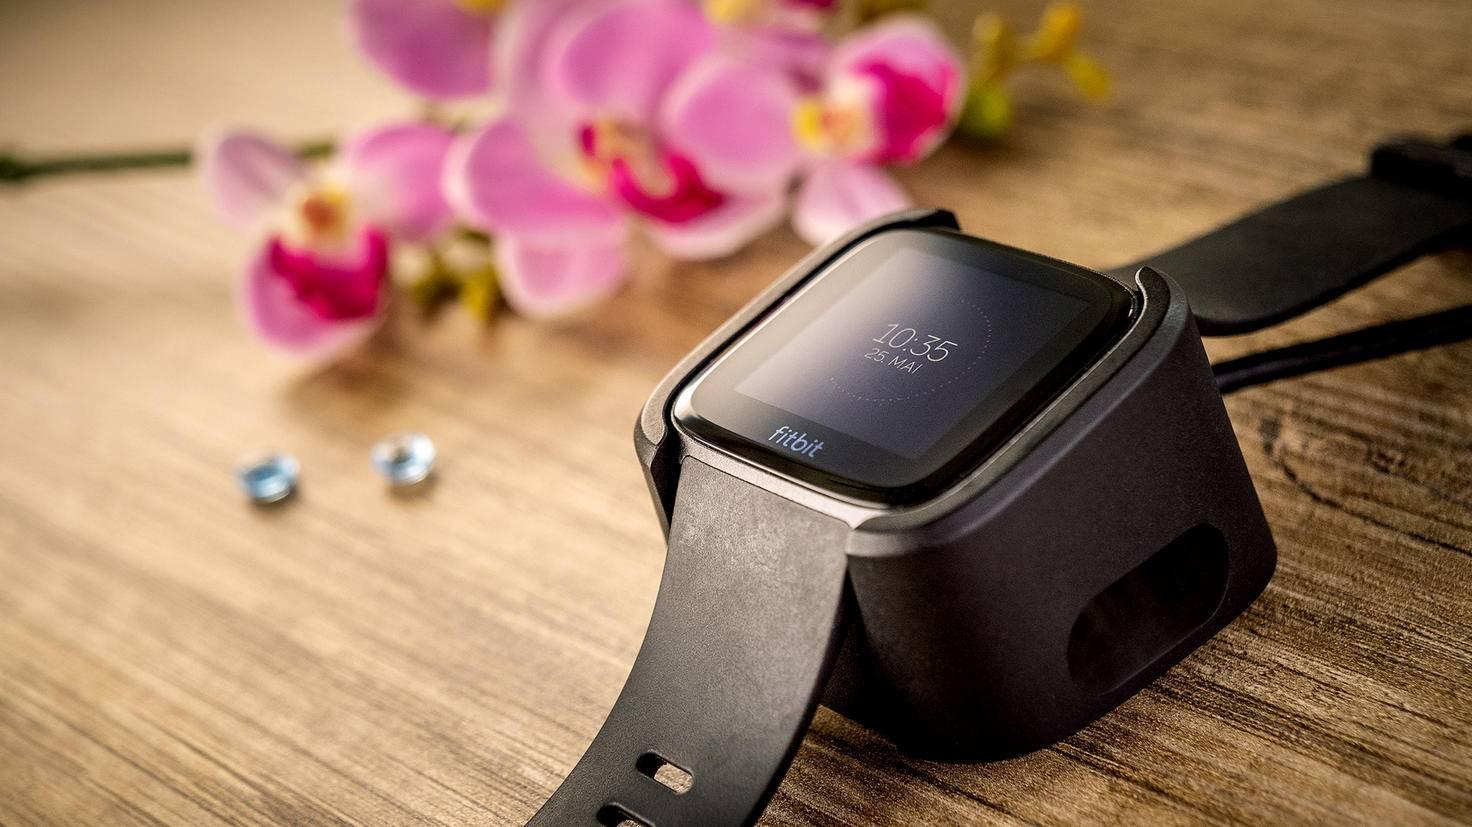 Auf der Ladestation ist der Akku der Fitbit Versa um Nu wieder aufgeladen.